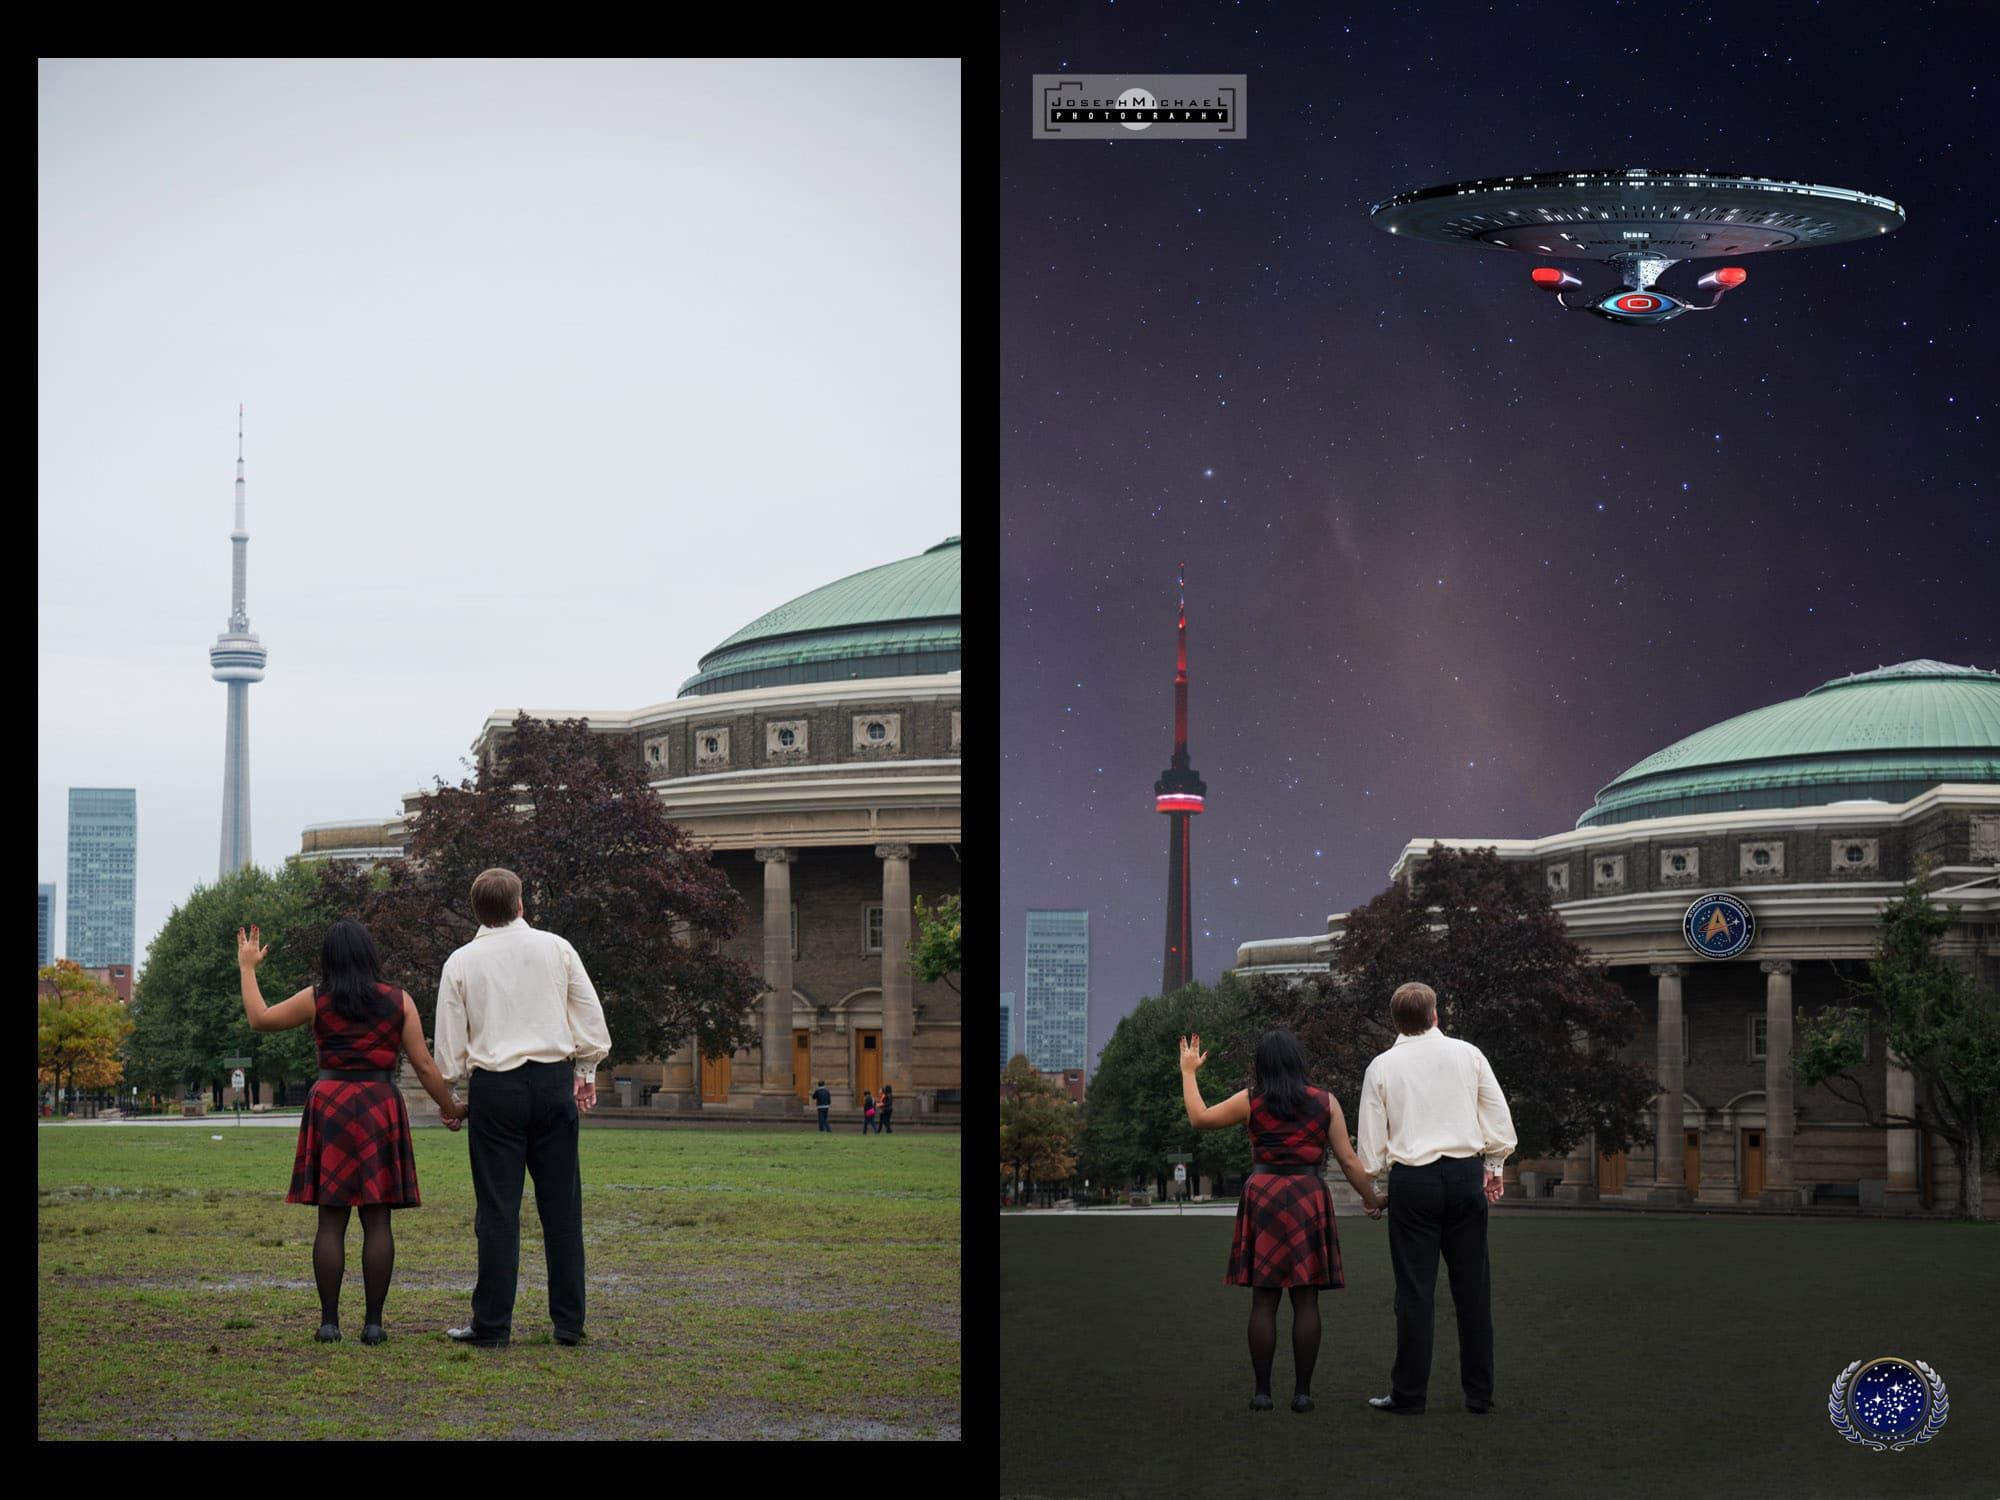 Star Trek Engagement Photo Shoot Toronto